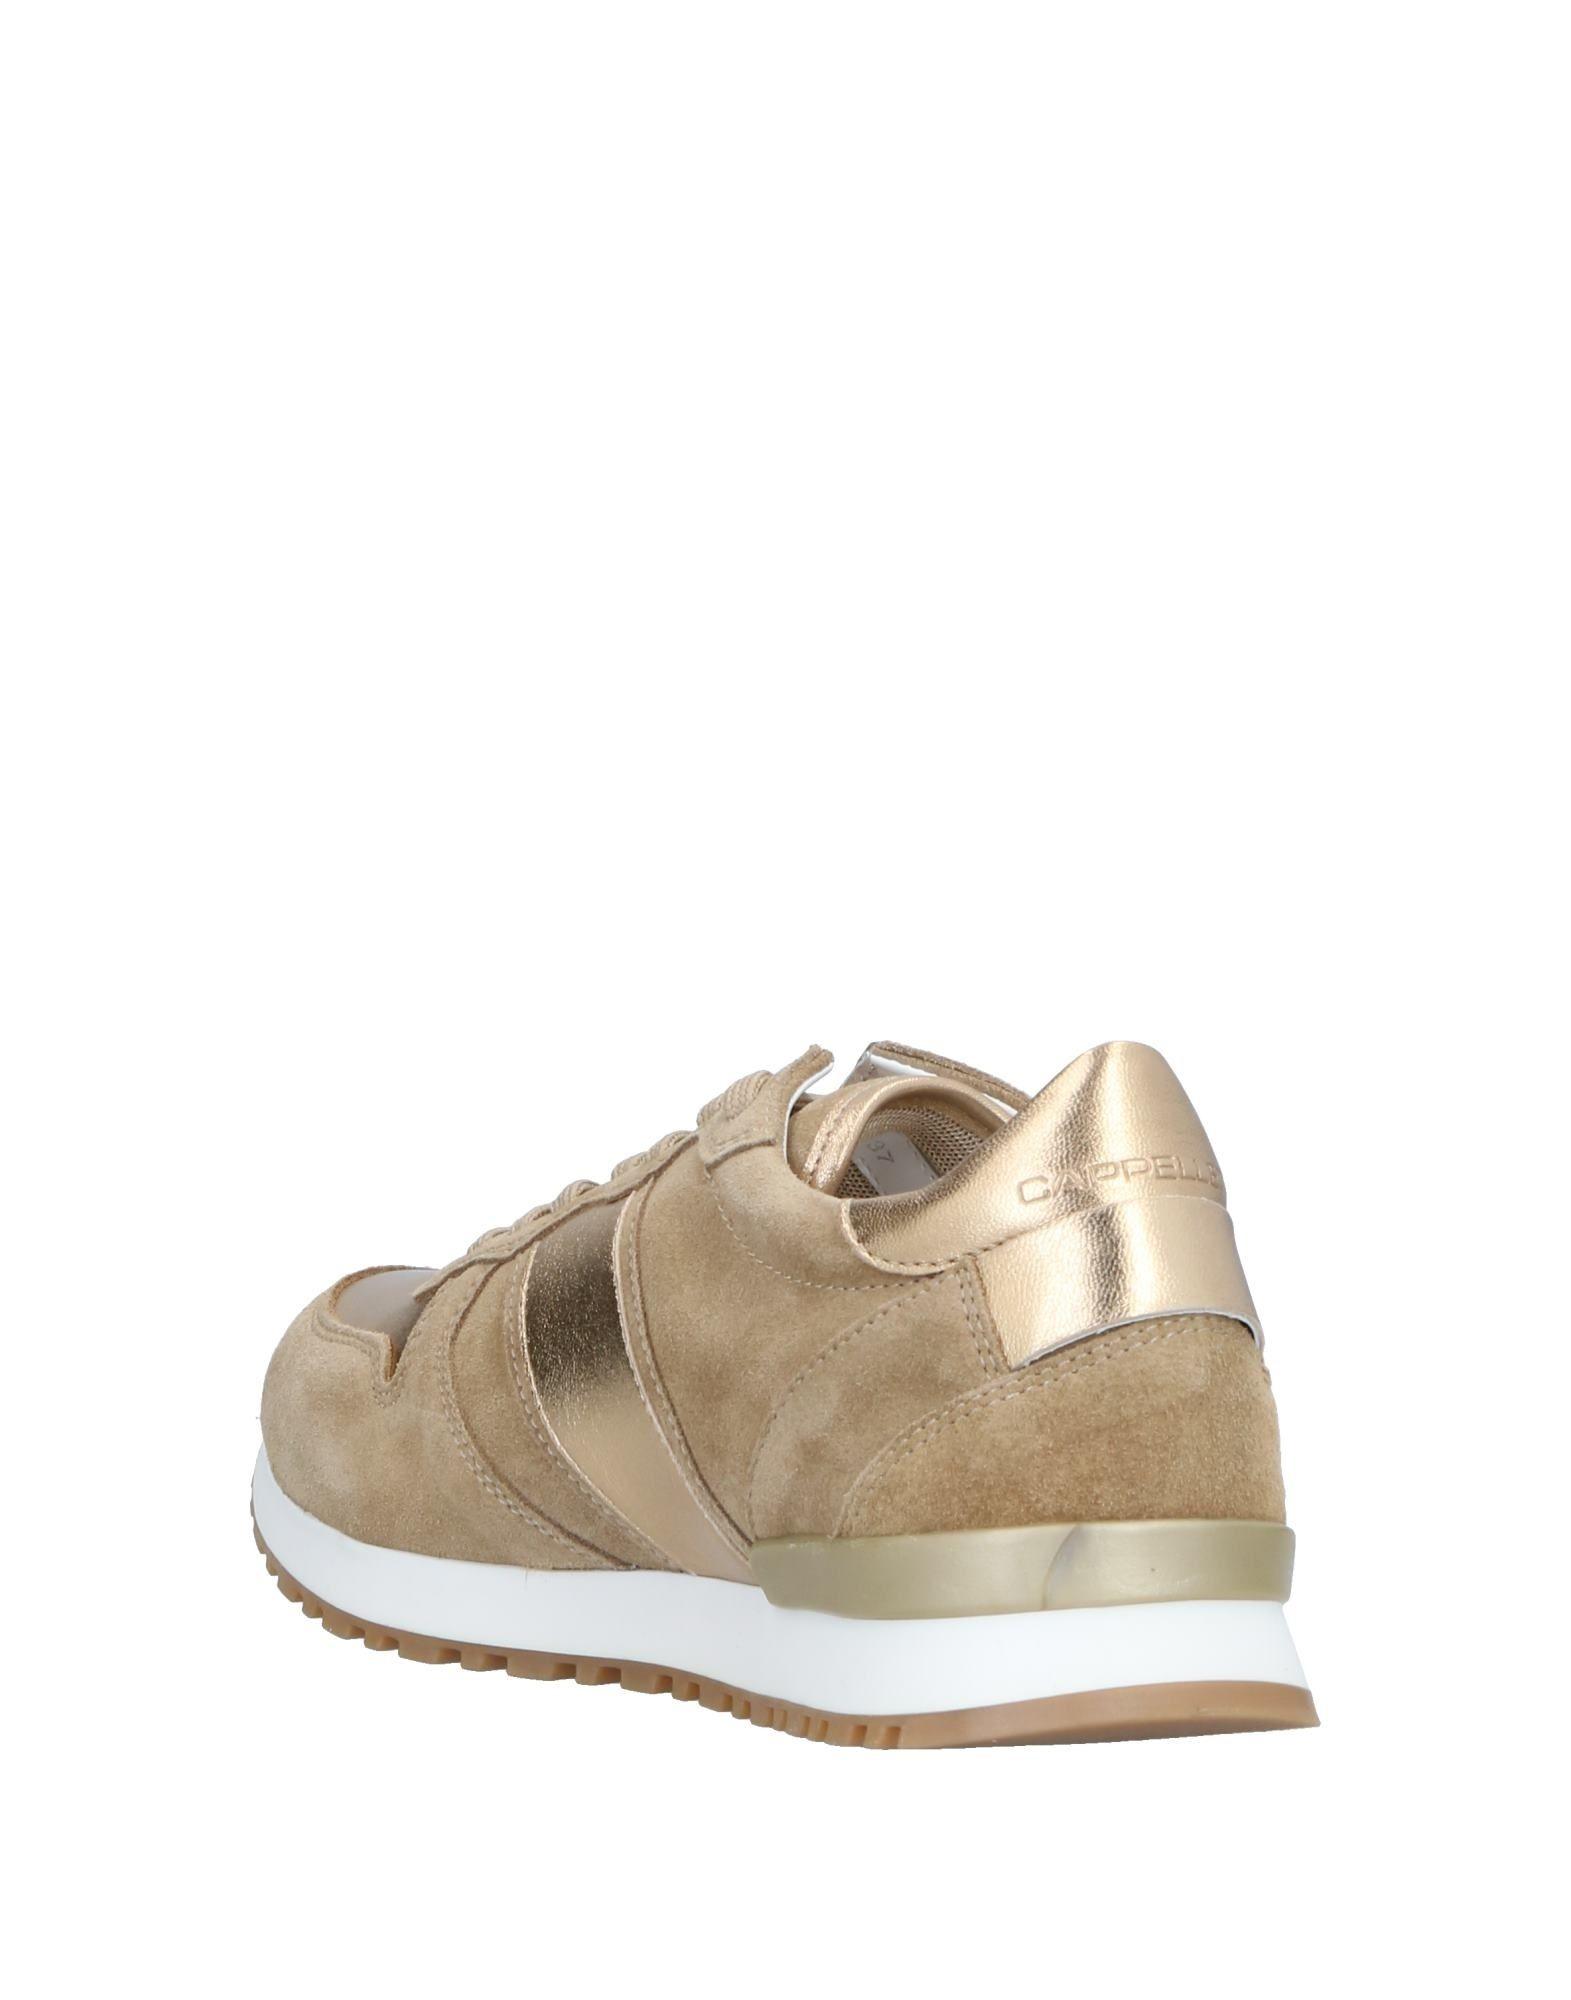 Stilvolle Cappelletti billige Schuhe Cappelletti Stilvolle Sneakers Damen  11517193JQ bb0d48